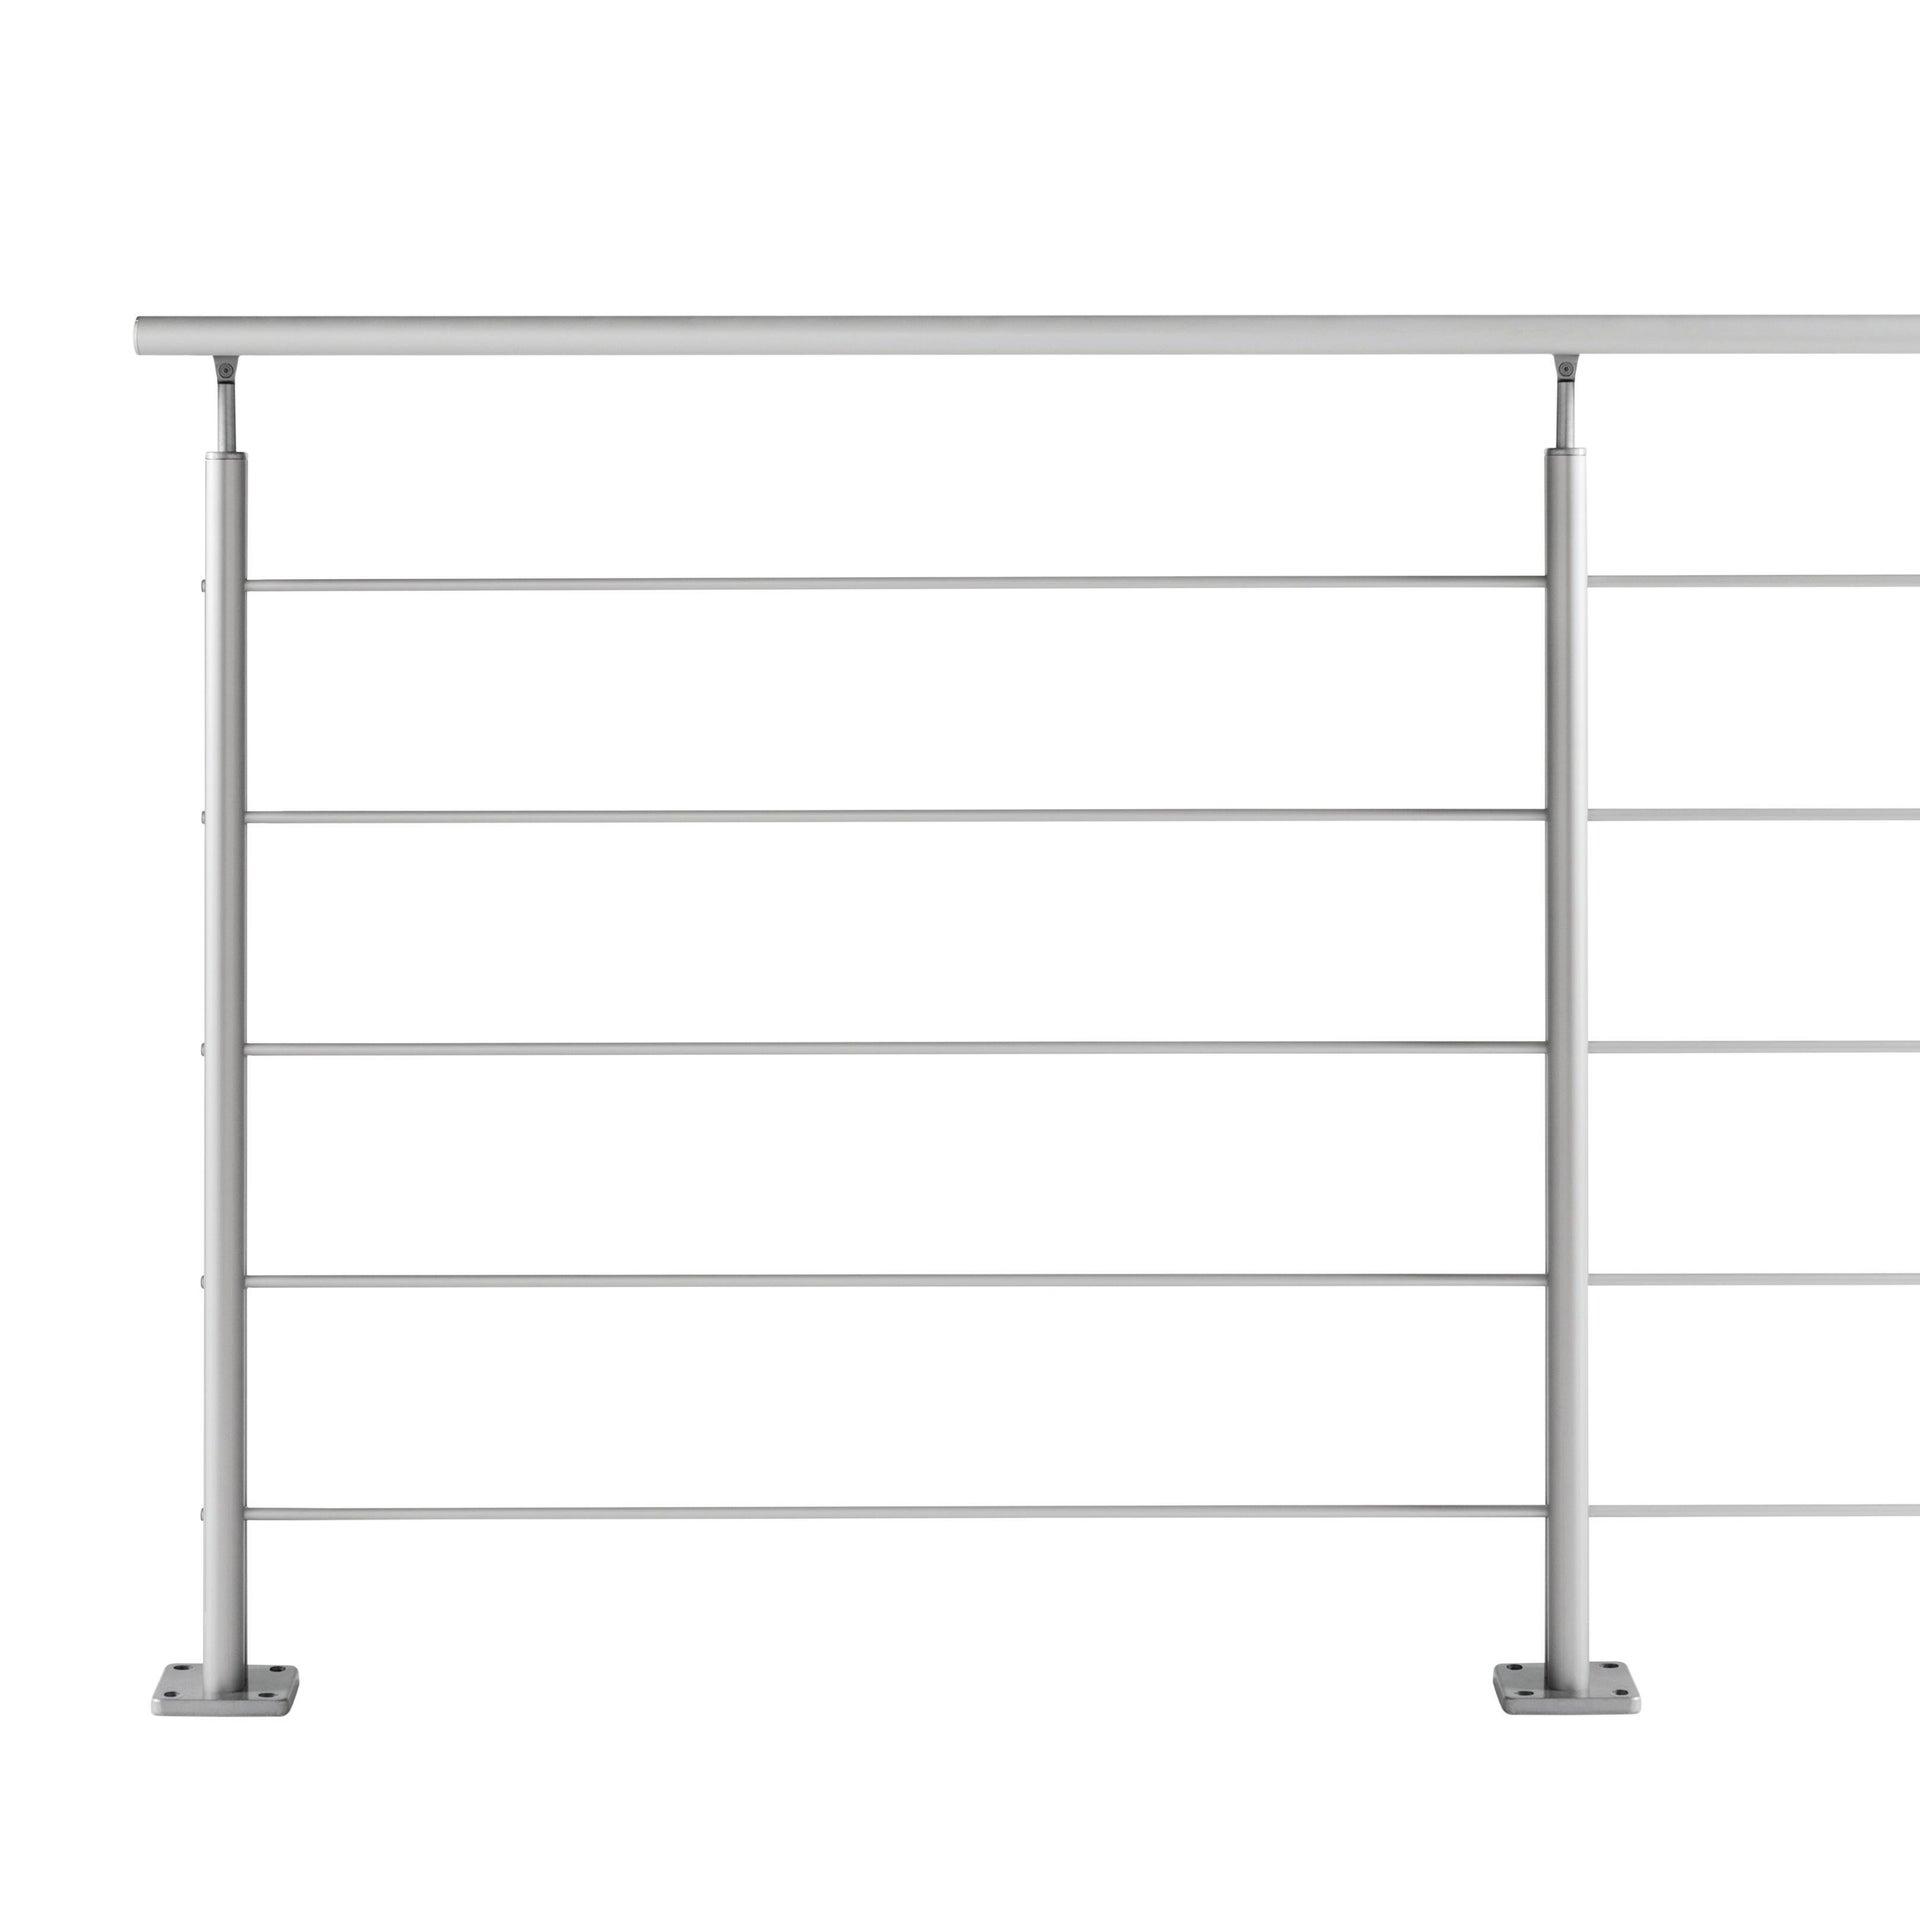 Balaustra ARTENS in alluminio L 200 x H 100 cm grigio - 1